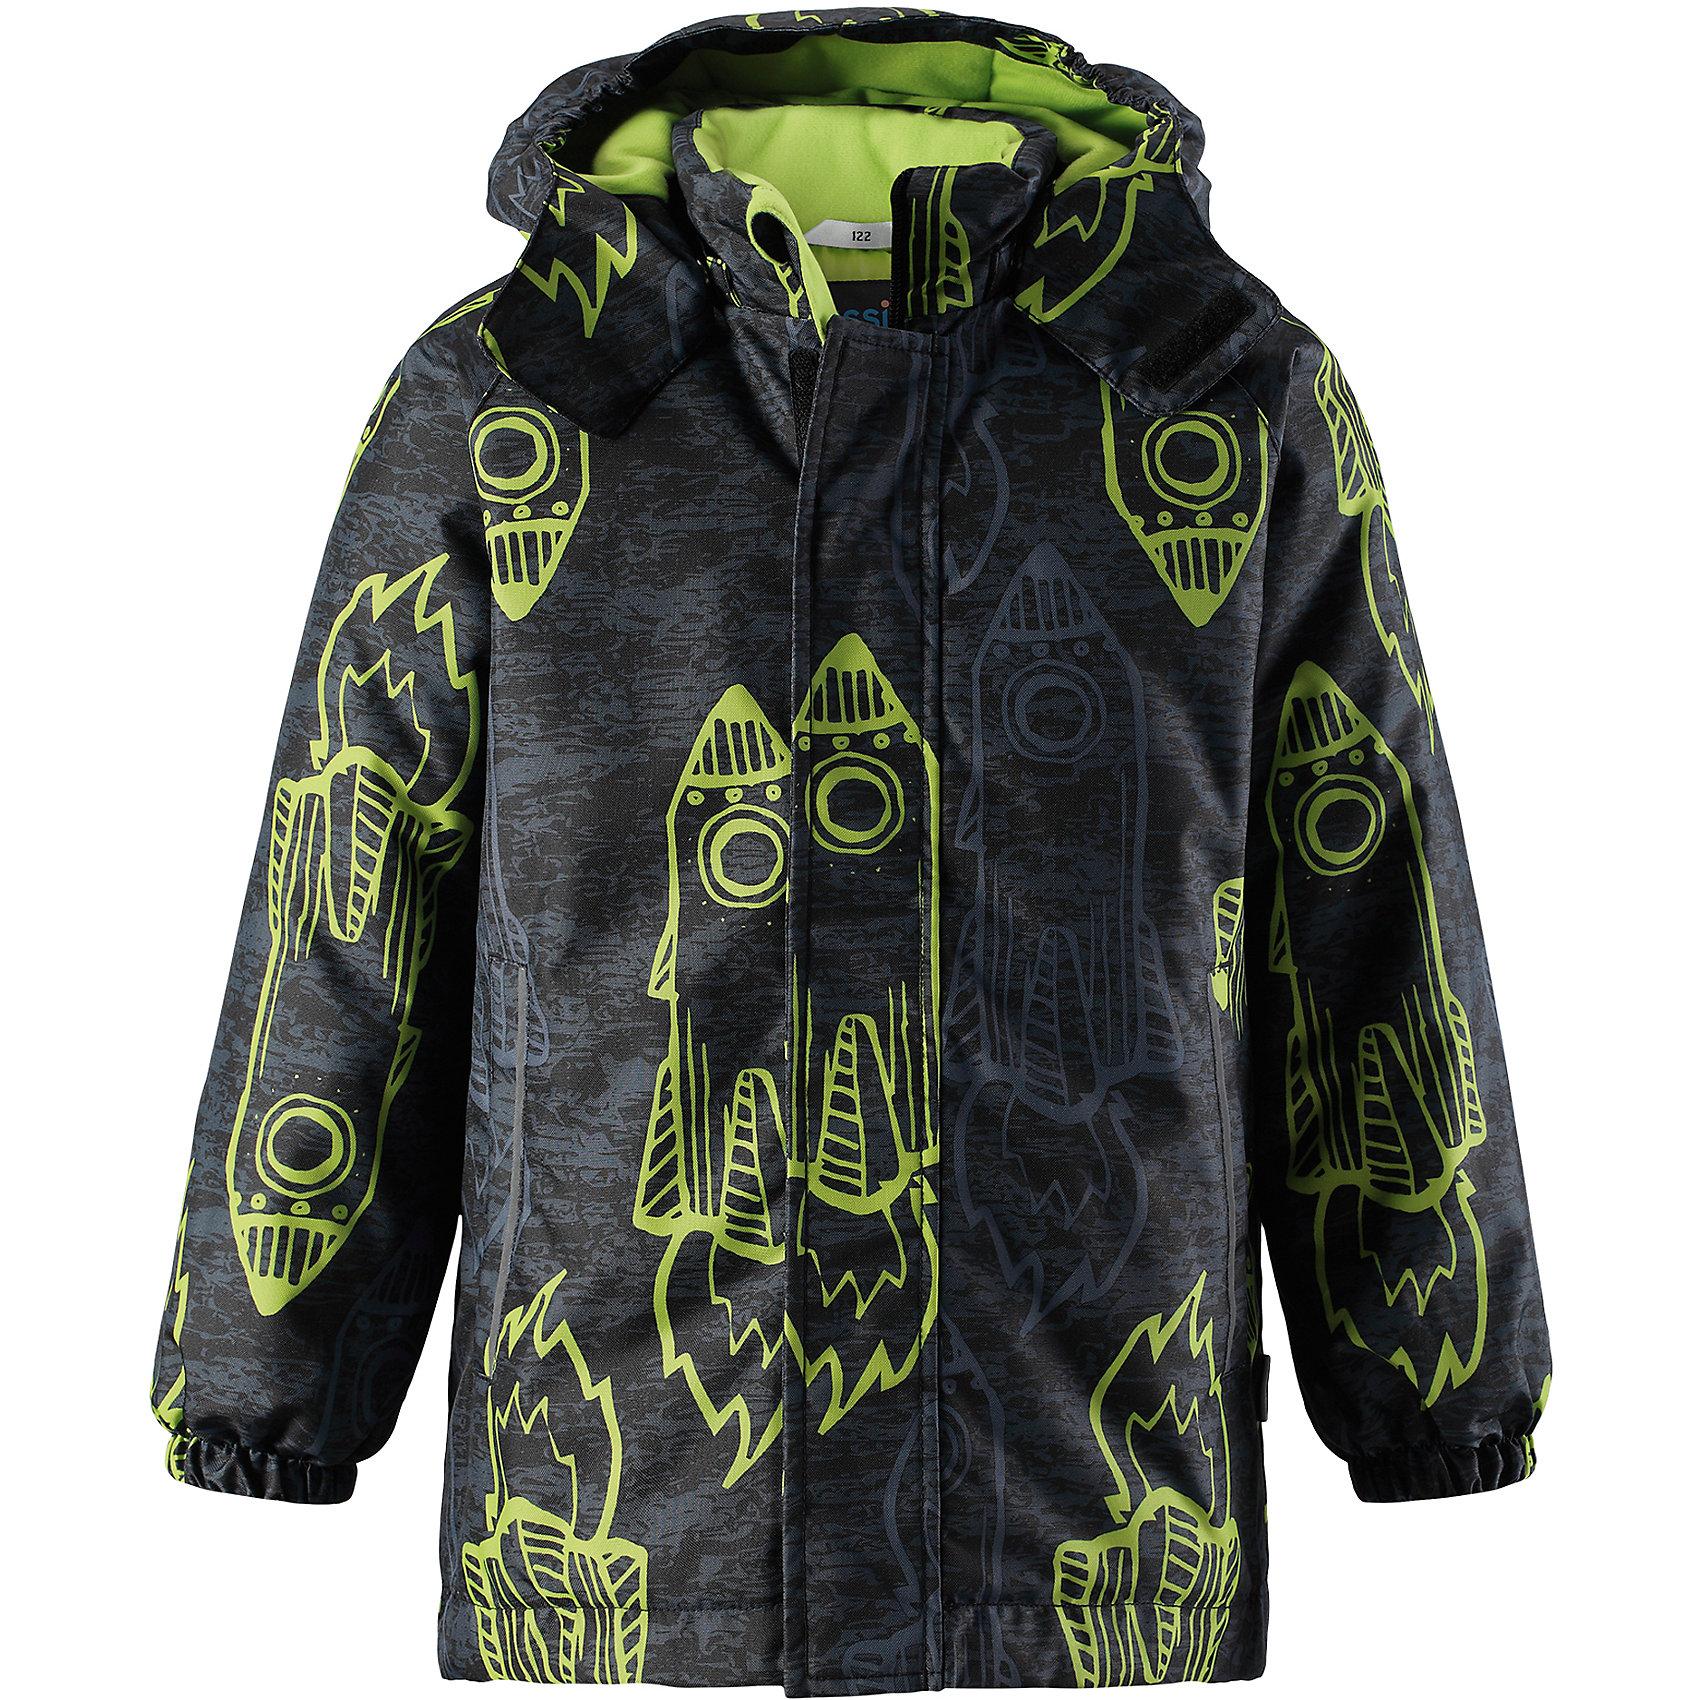 Куртка Lassie для мальчикаОдежда<br>Детская зимняя куртка с ярким рисунком очень стильно выглядит. Куртка изготовлена из ветронепроницаемого, дышащего материала с верхним водо- и грязеотталкивающим слоем, поэтому вашему ребенку будет тепло и удобно во время веселых игр. Съемный капюшон и светоотражающие элементы на обоих рукавах обеспечивают дополнительную безопасность во время прогулок на свежем воздухе. Регулируемый подол позволяет откорректировать куртку идеально по фигуре и не пропускает холодный воздух. Храните все маленькие сокровища в прорезных карманах – они будут в целости и сохранности!<br>Состав:<br>100% Полиэстер<br><br>Ширина мм: 356<br>Глубина мм: 10<br>Высота мм: 245<br>Вес г: 519<br>Цвет: зеленый<br>Возраст от месяцев: 108<br>Возраст до месяцев: 120<br>Пол: Мужской<br>Возраст: Детский<br>Размер: 140,92,98,104,110,116,122,128,134<br>SKU: 6927521